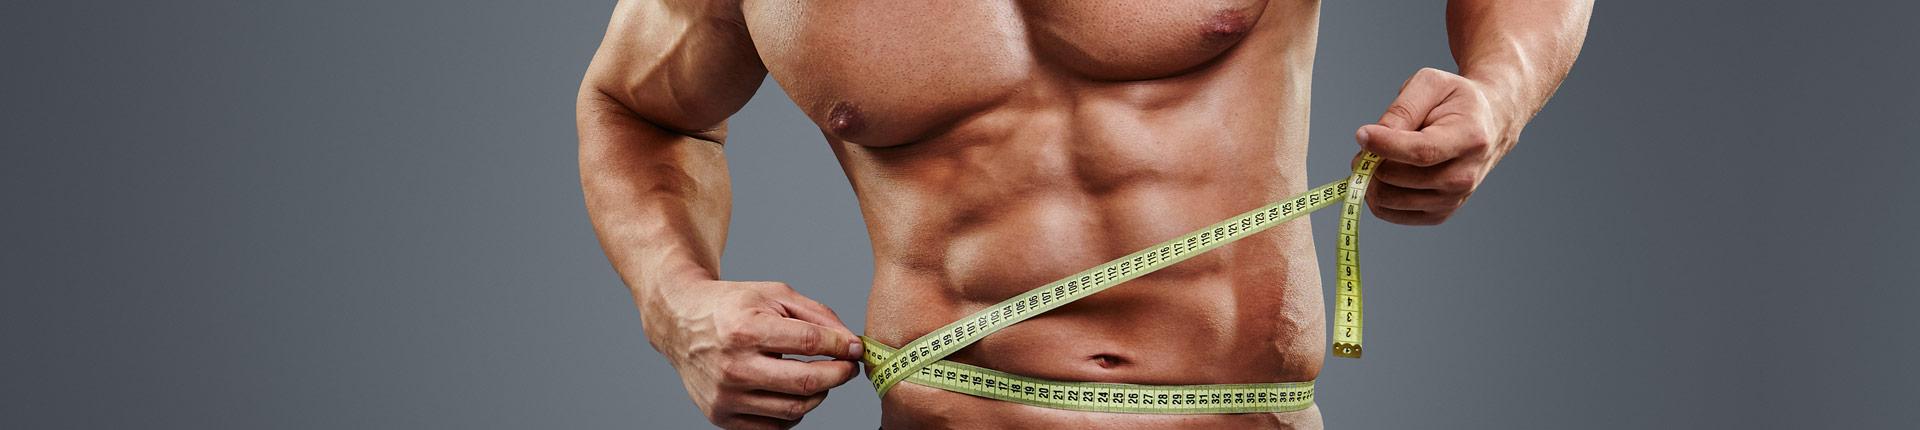 Diety dla kulturysty: masa, redukcja, gęstość i siła